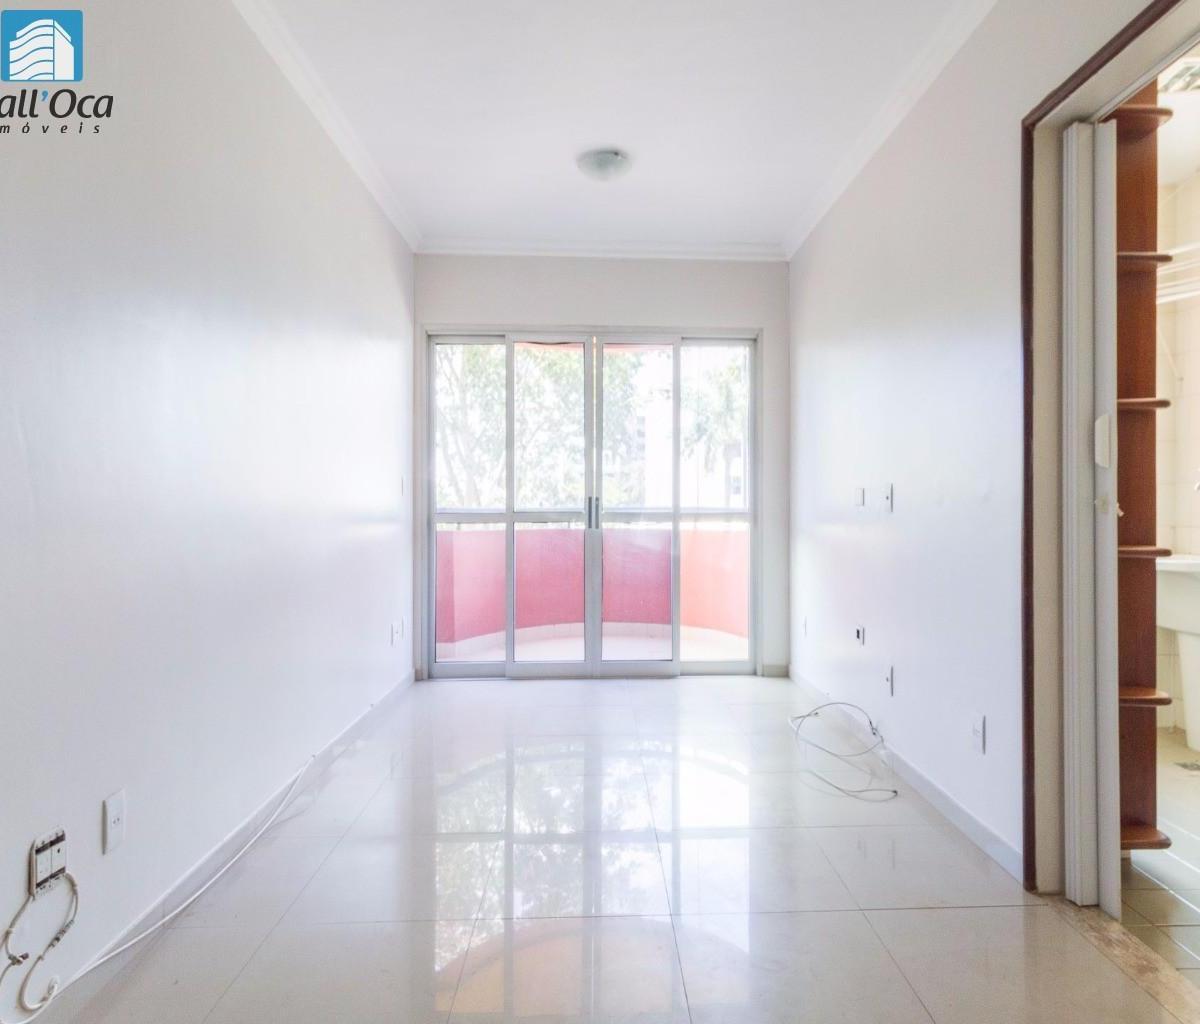 Imagens de #6B3D2B Apartamento para aluguel com 2 Quartos Asa Norte Brasília R$ 2  1200x1024 px 3096 Box Banheiro Asa Norte